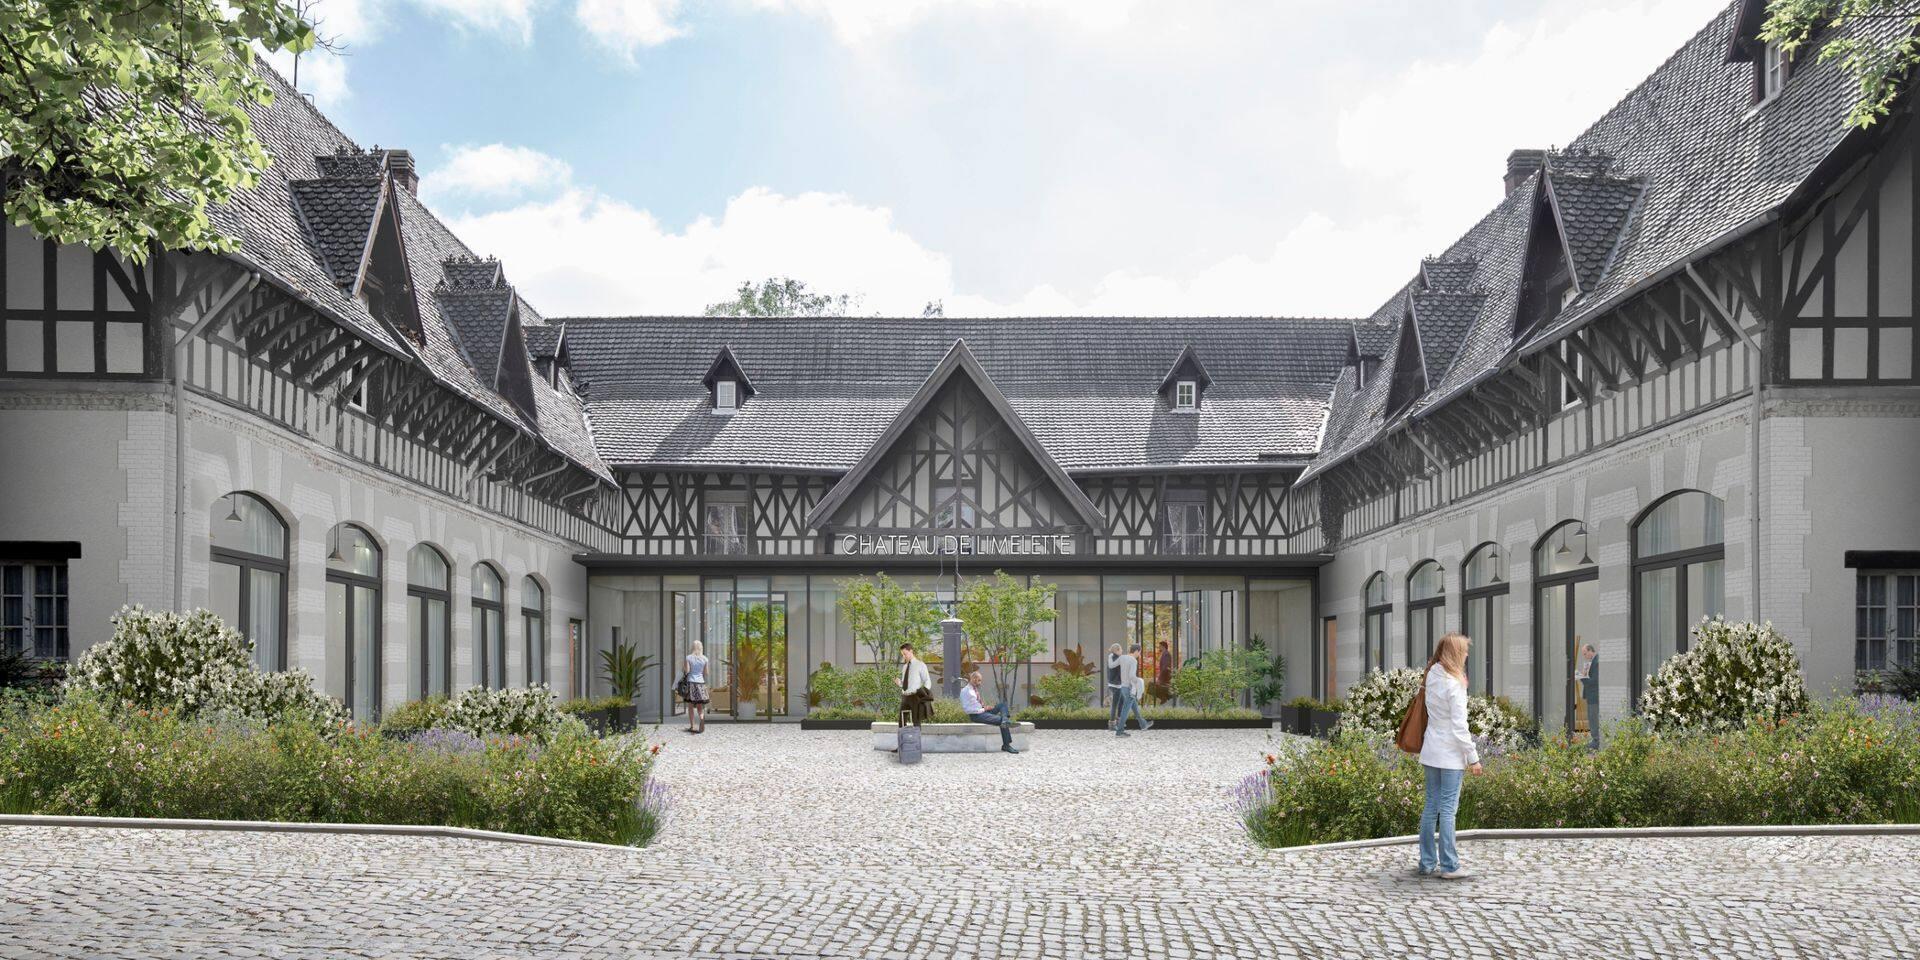 Projet de relance de l'hôtel au Château de Limelette: le promoteur doit revoir sa copie